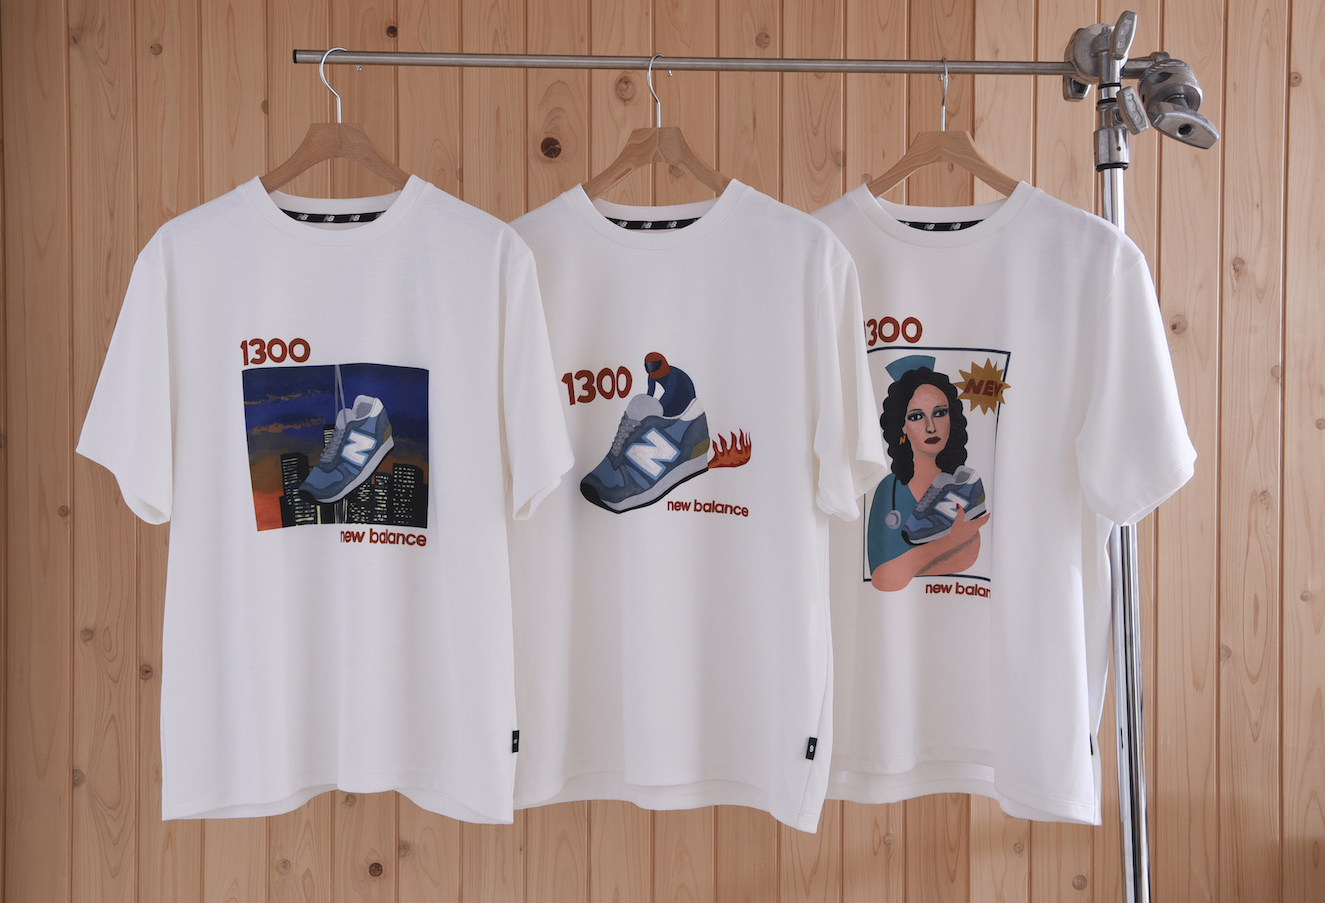 New Balance、アーティスト3人とのコラボTシャツ発売